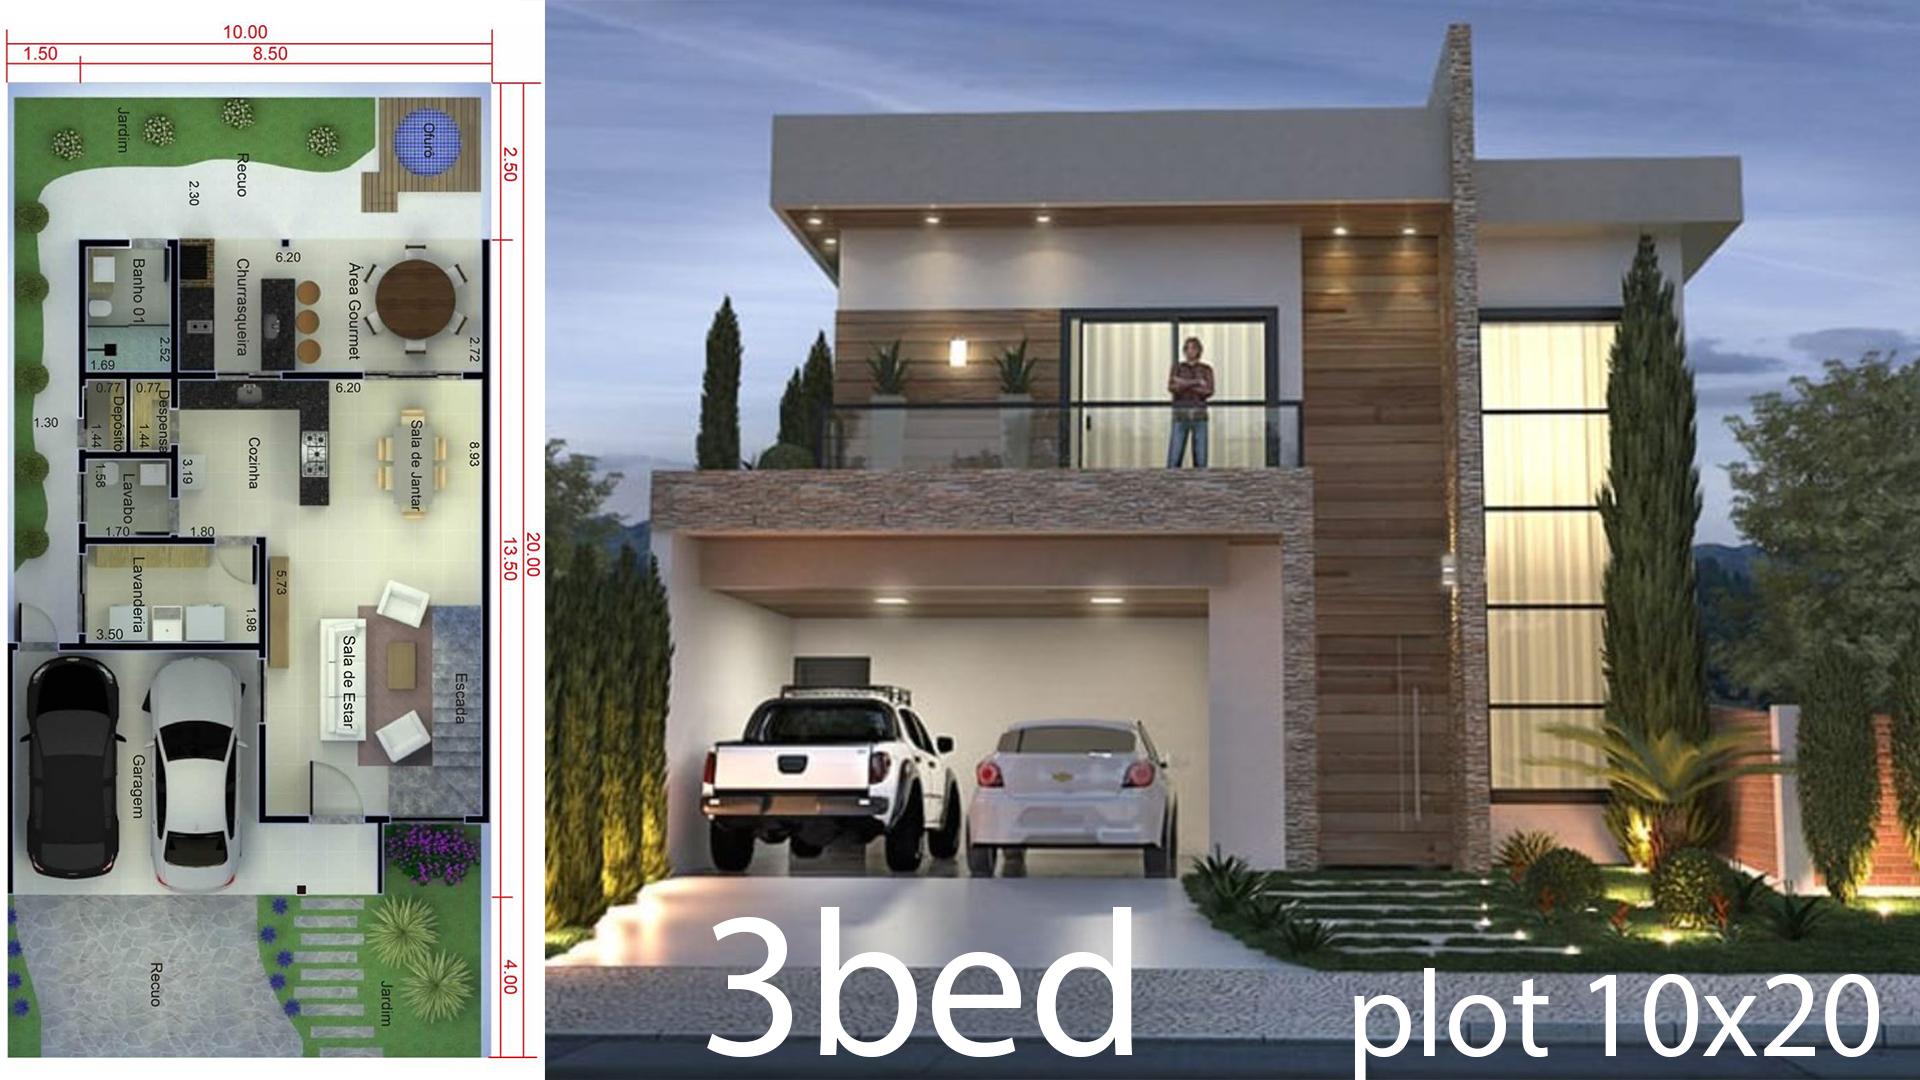 3 Bedrooms Home Design 10x20 Meters - Home Ideas